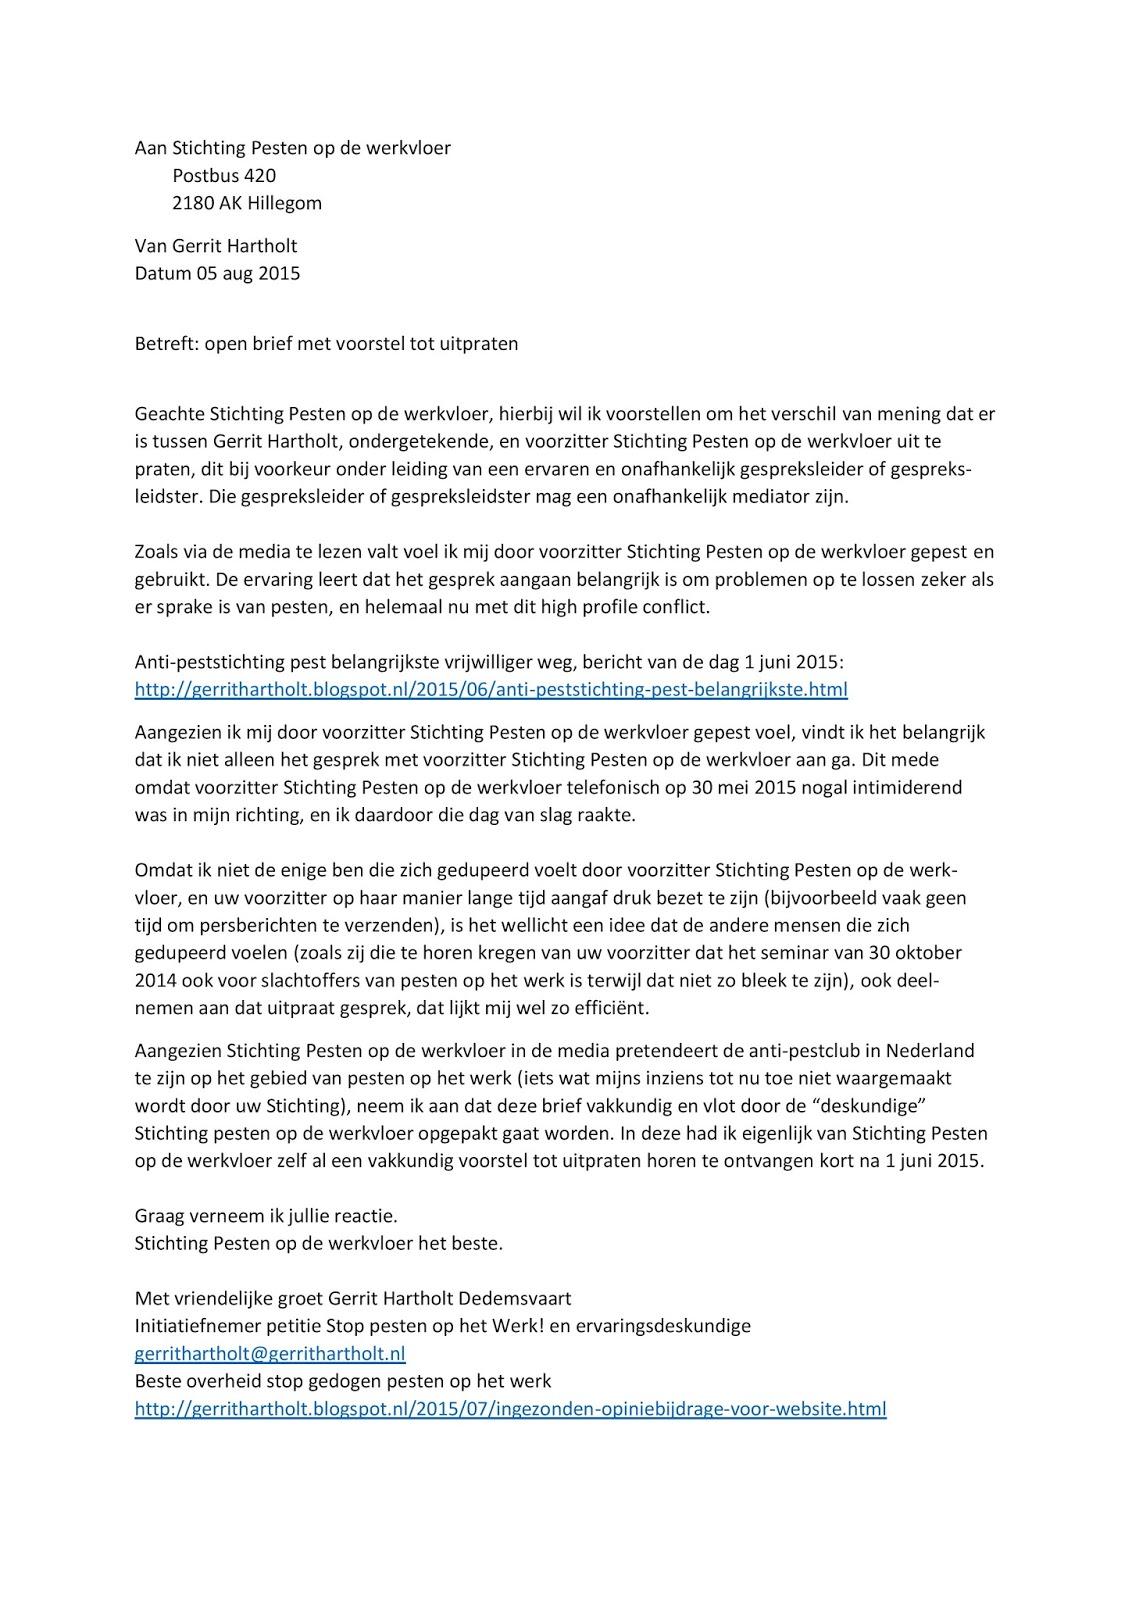 Weblog Gerrit Hartholt: Open brief met voorstel tot uitpraten aan